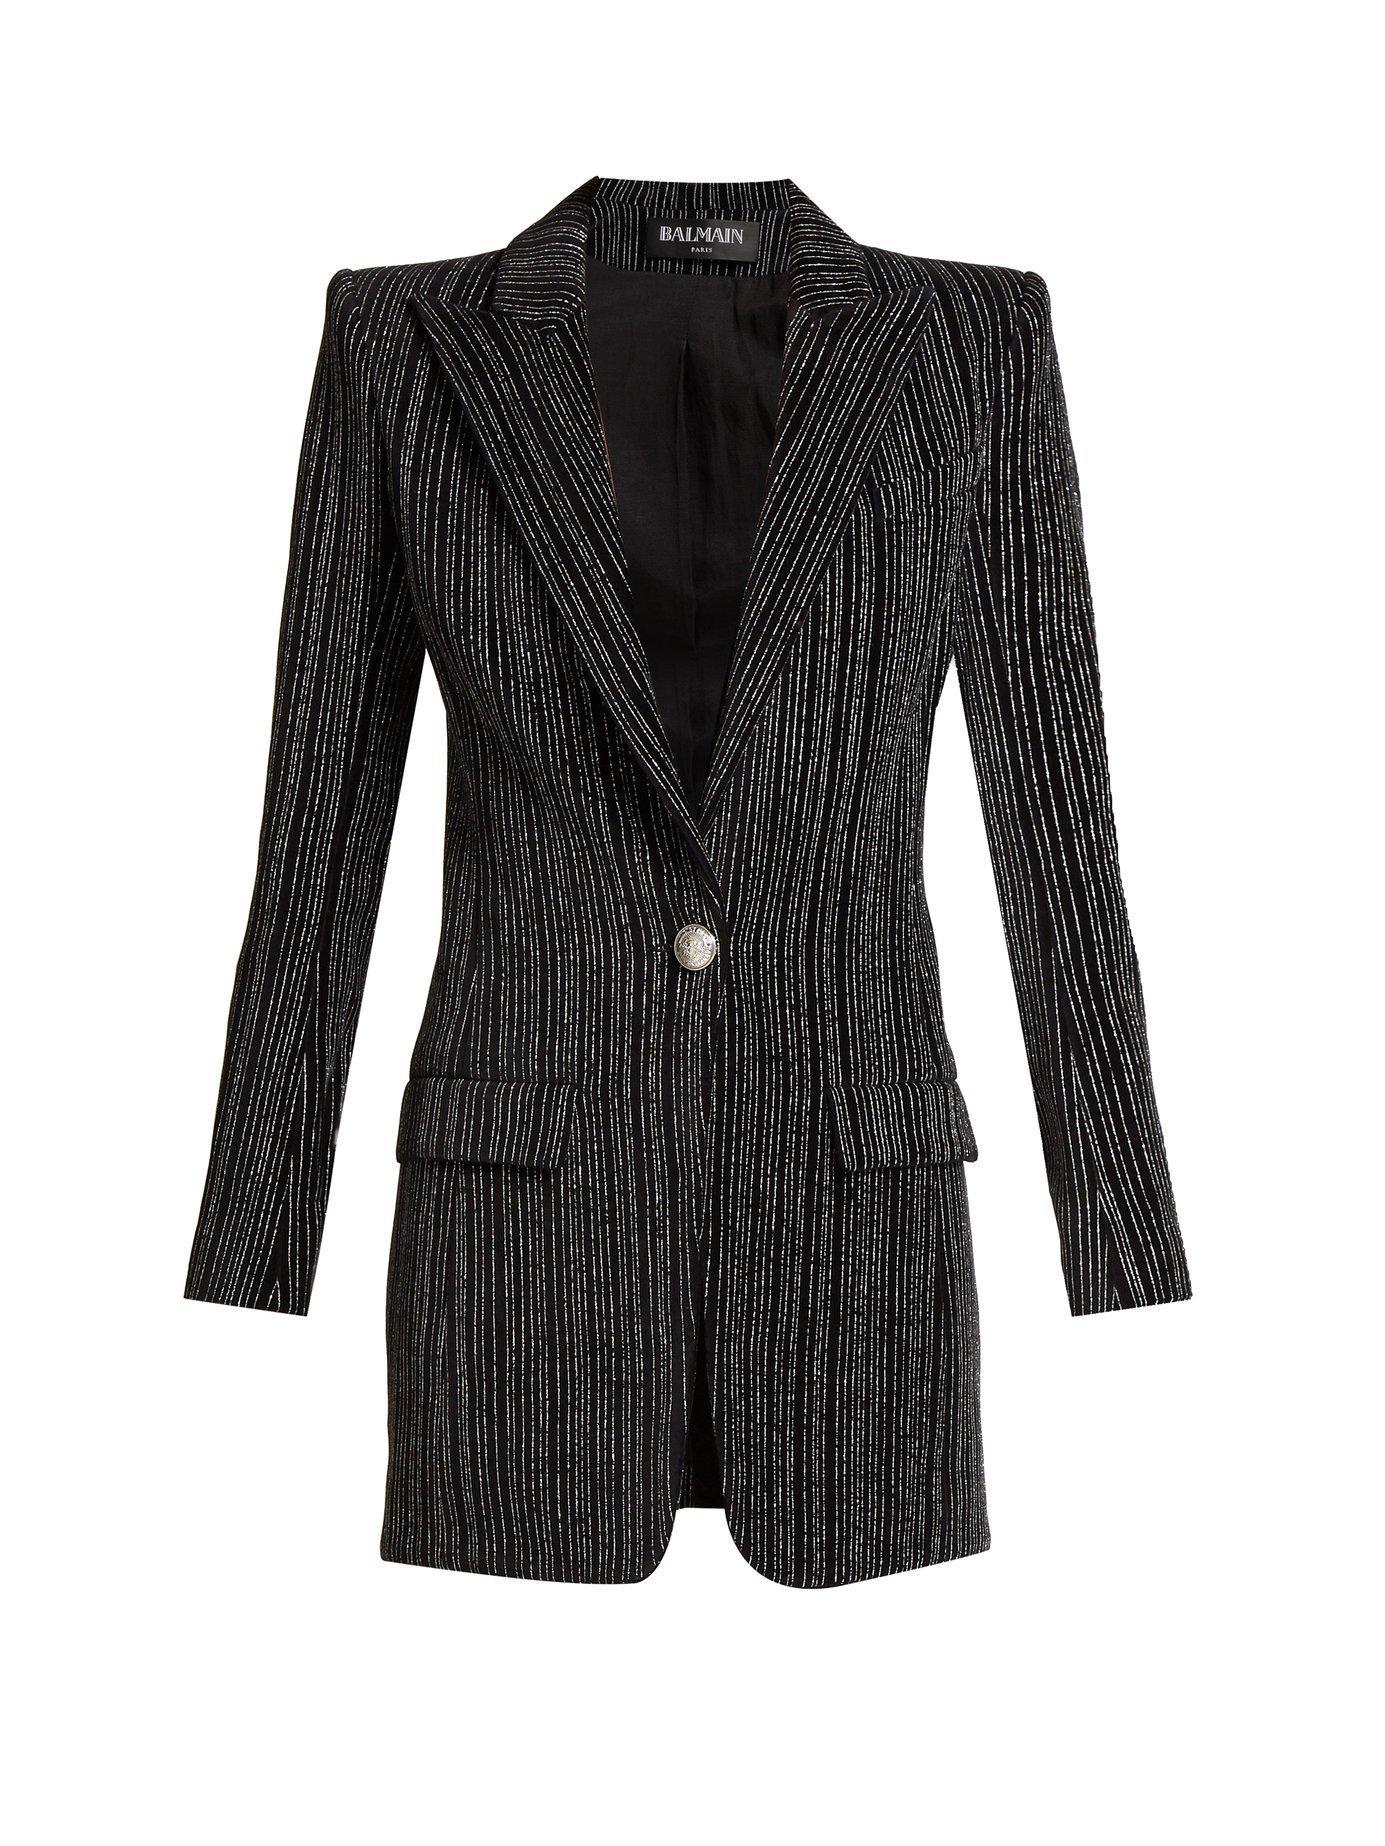 fd183fef Balmain - Black Striped Single Breasted Velvet Blazer - Lyst. View  fullscreen